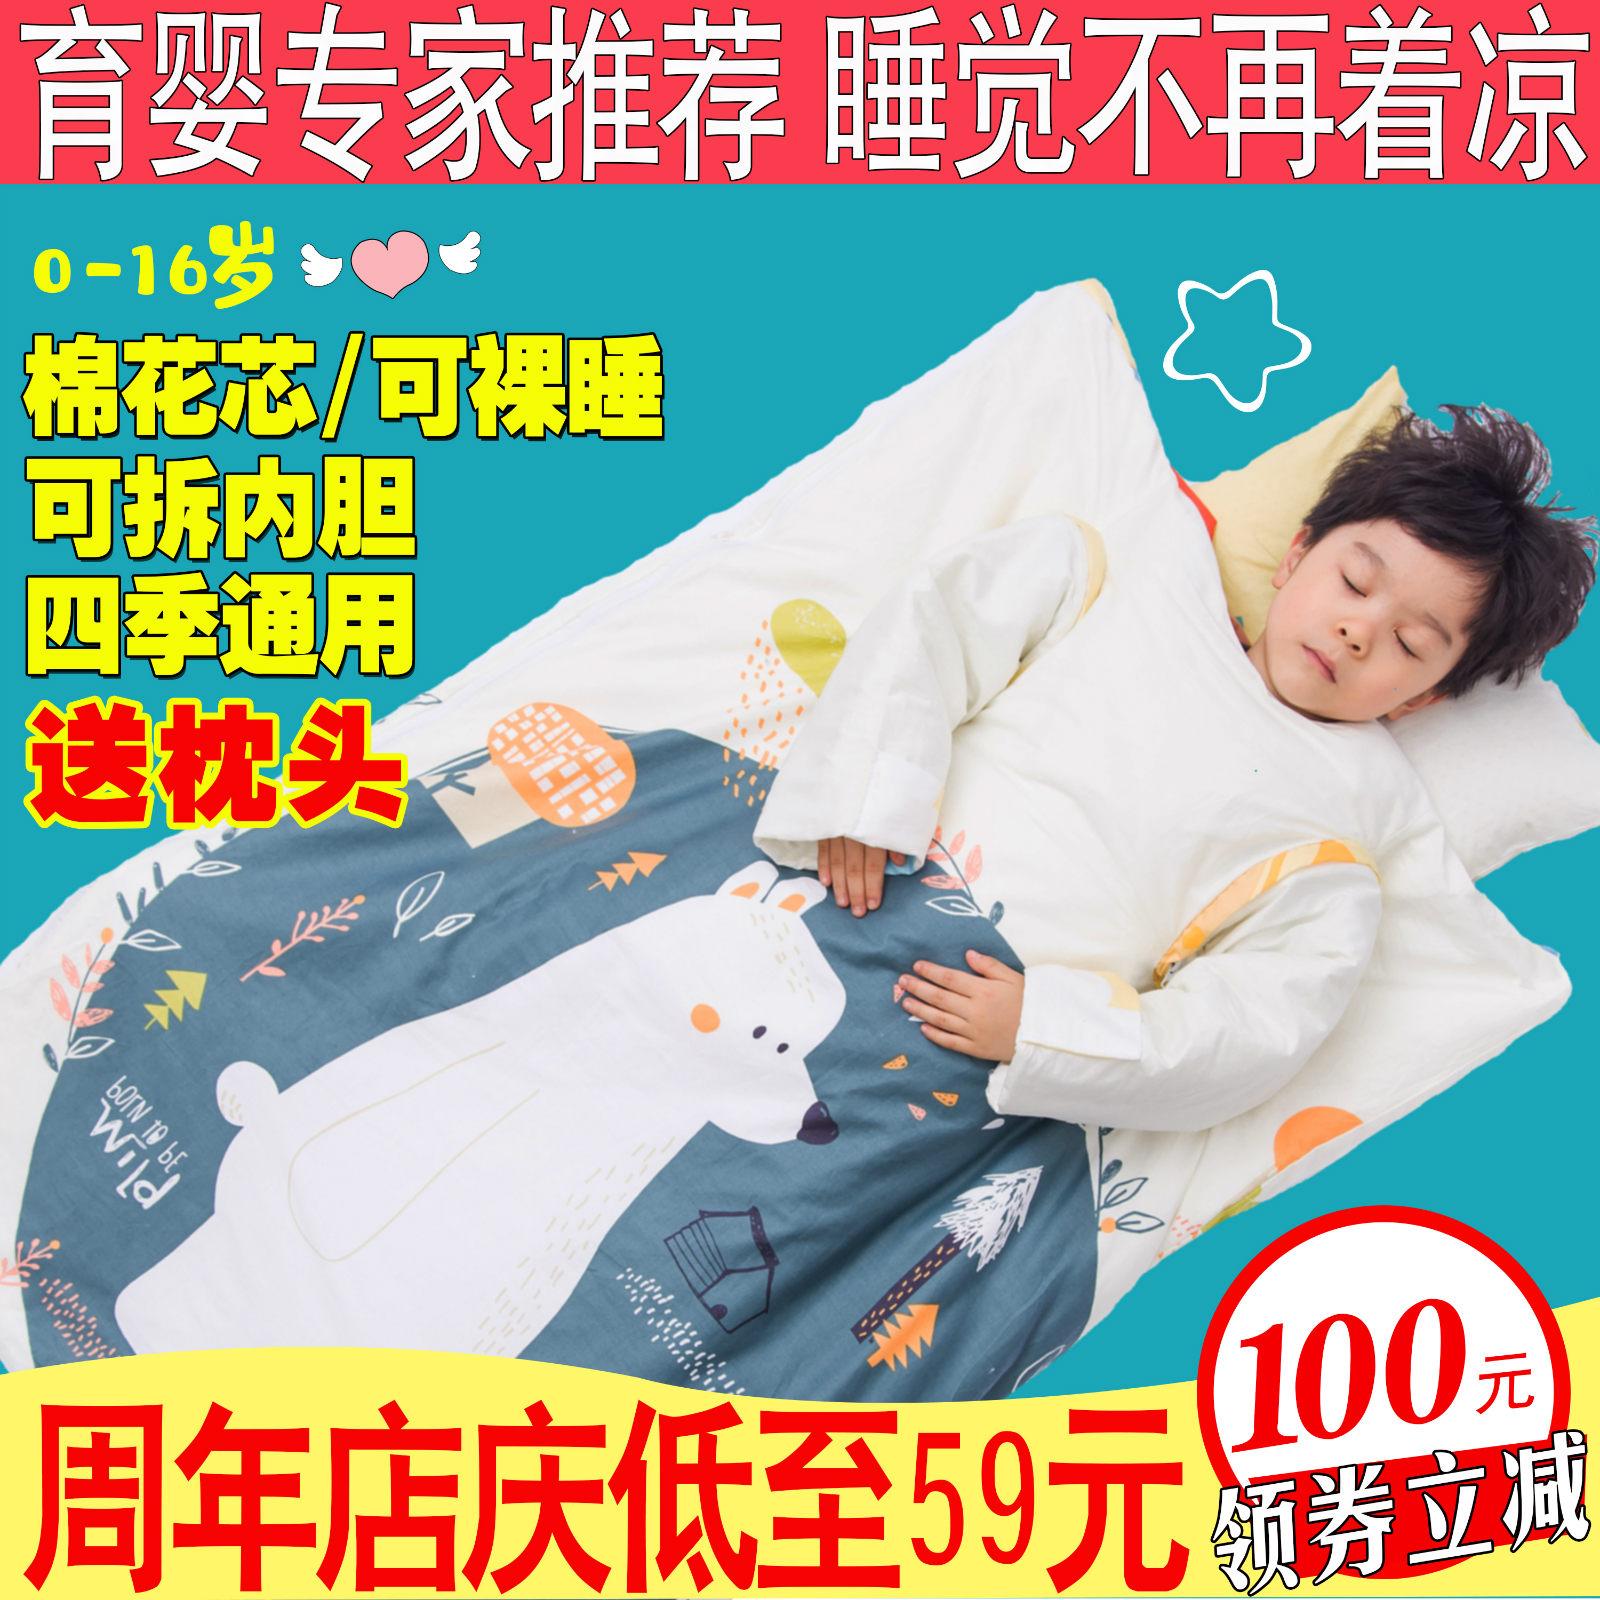 婴幼儿睡袋儿童春秋夏季薄款纯棉四季通用款防踢被神器宝宝小孩被优惠券